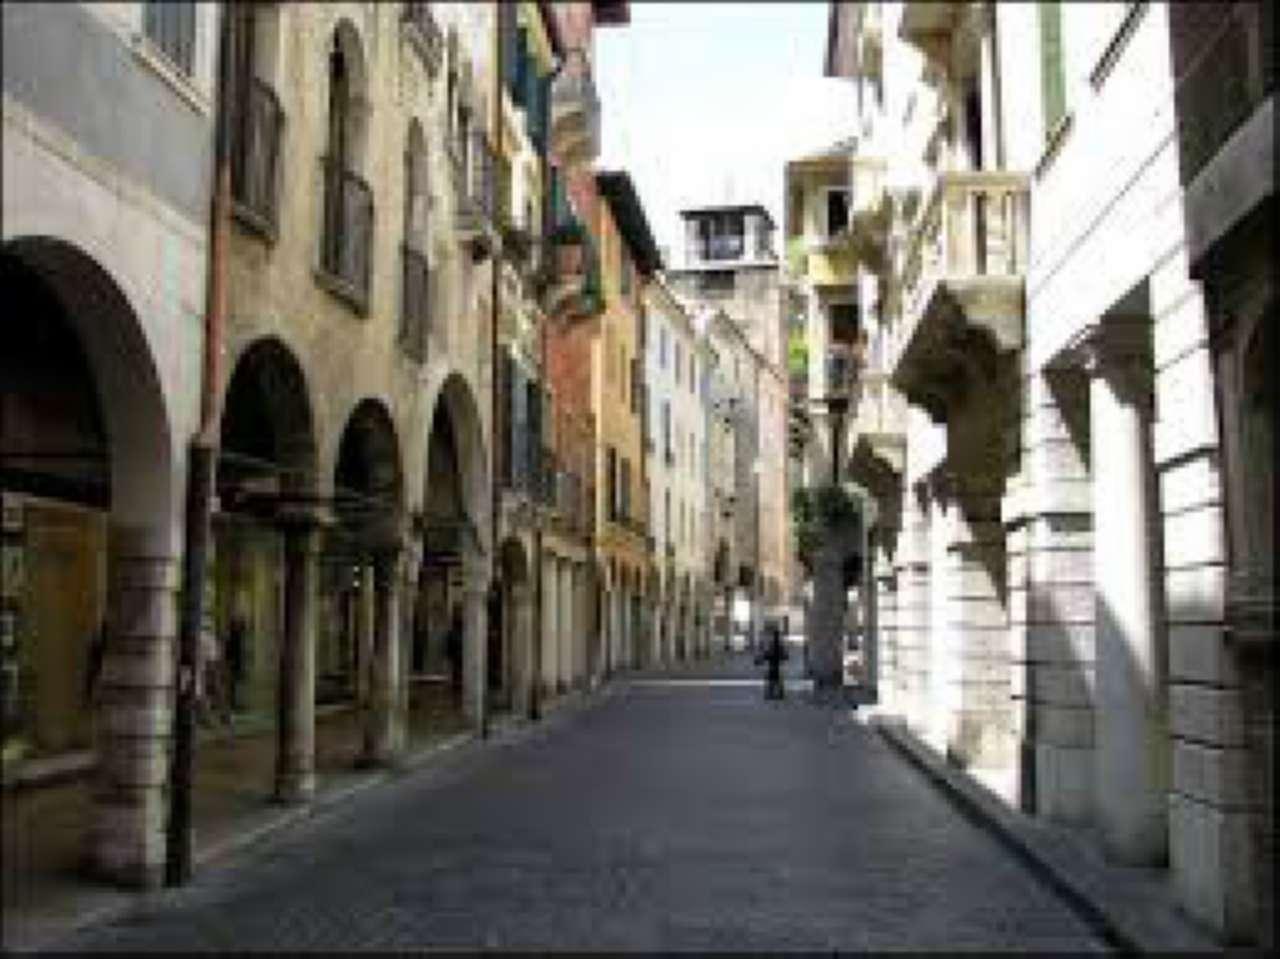 Negozio / Locale in vendita a Treviso, 2 locali, prezzo € 120.000 | CambioCasa.it